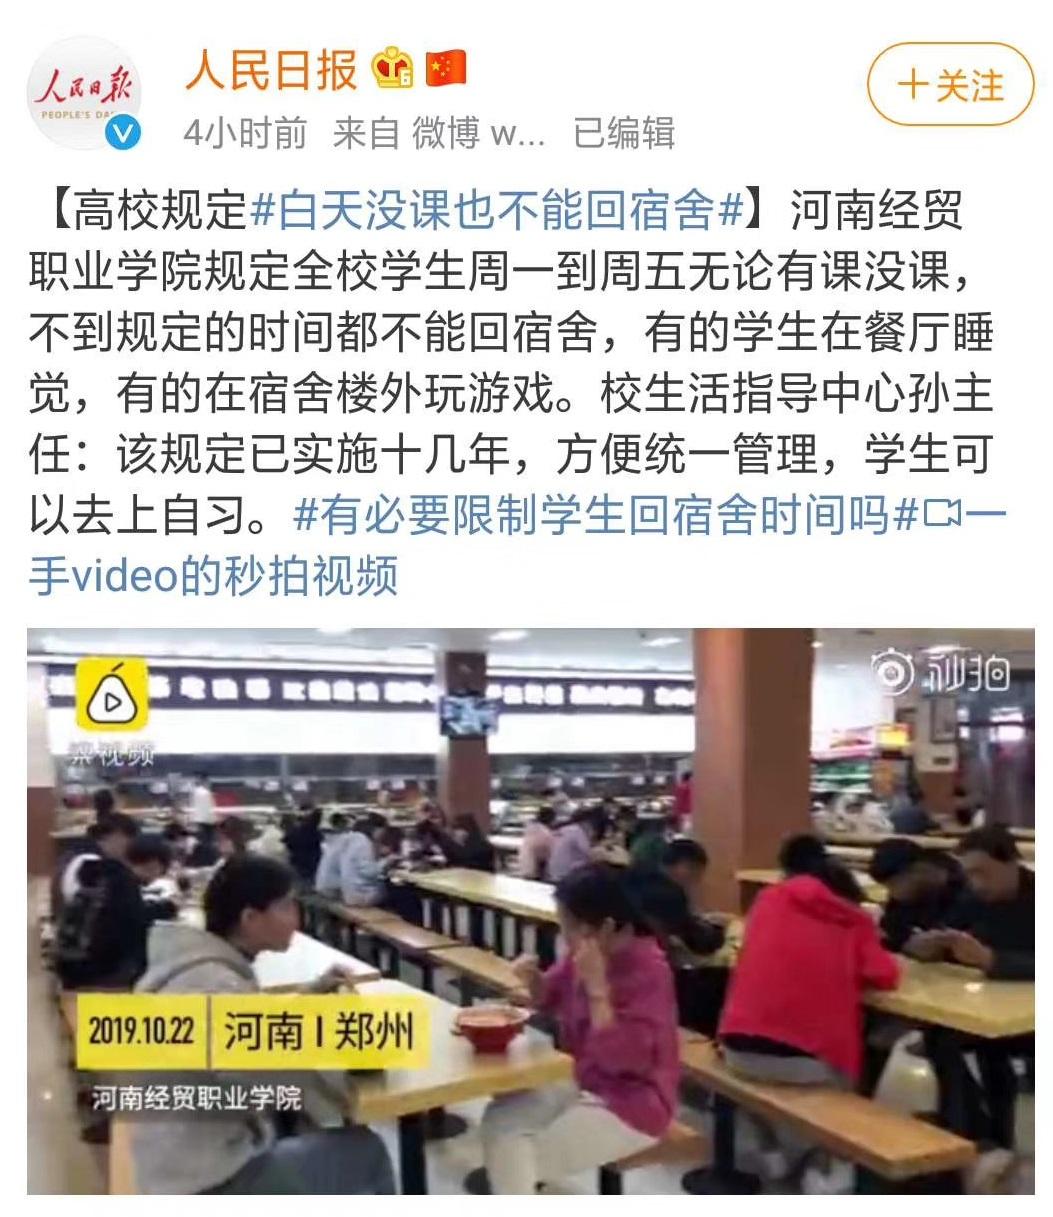 河南经贸职业学院规定学生白天没课也不能回宿舍  网友炸锅